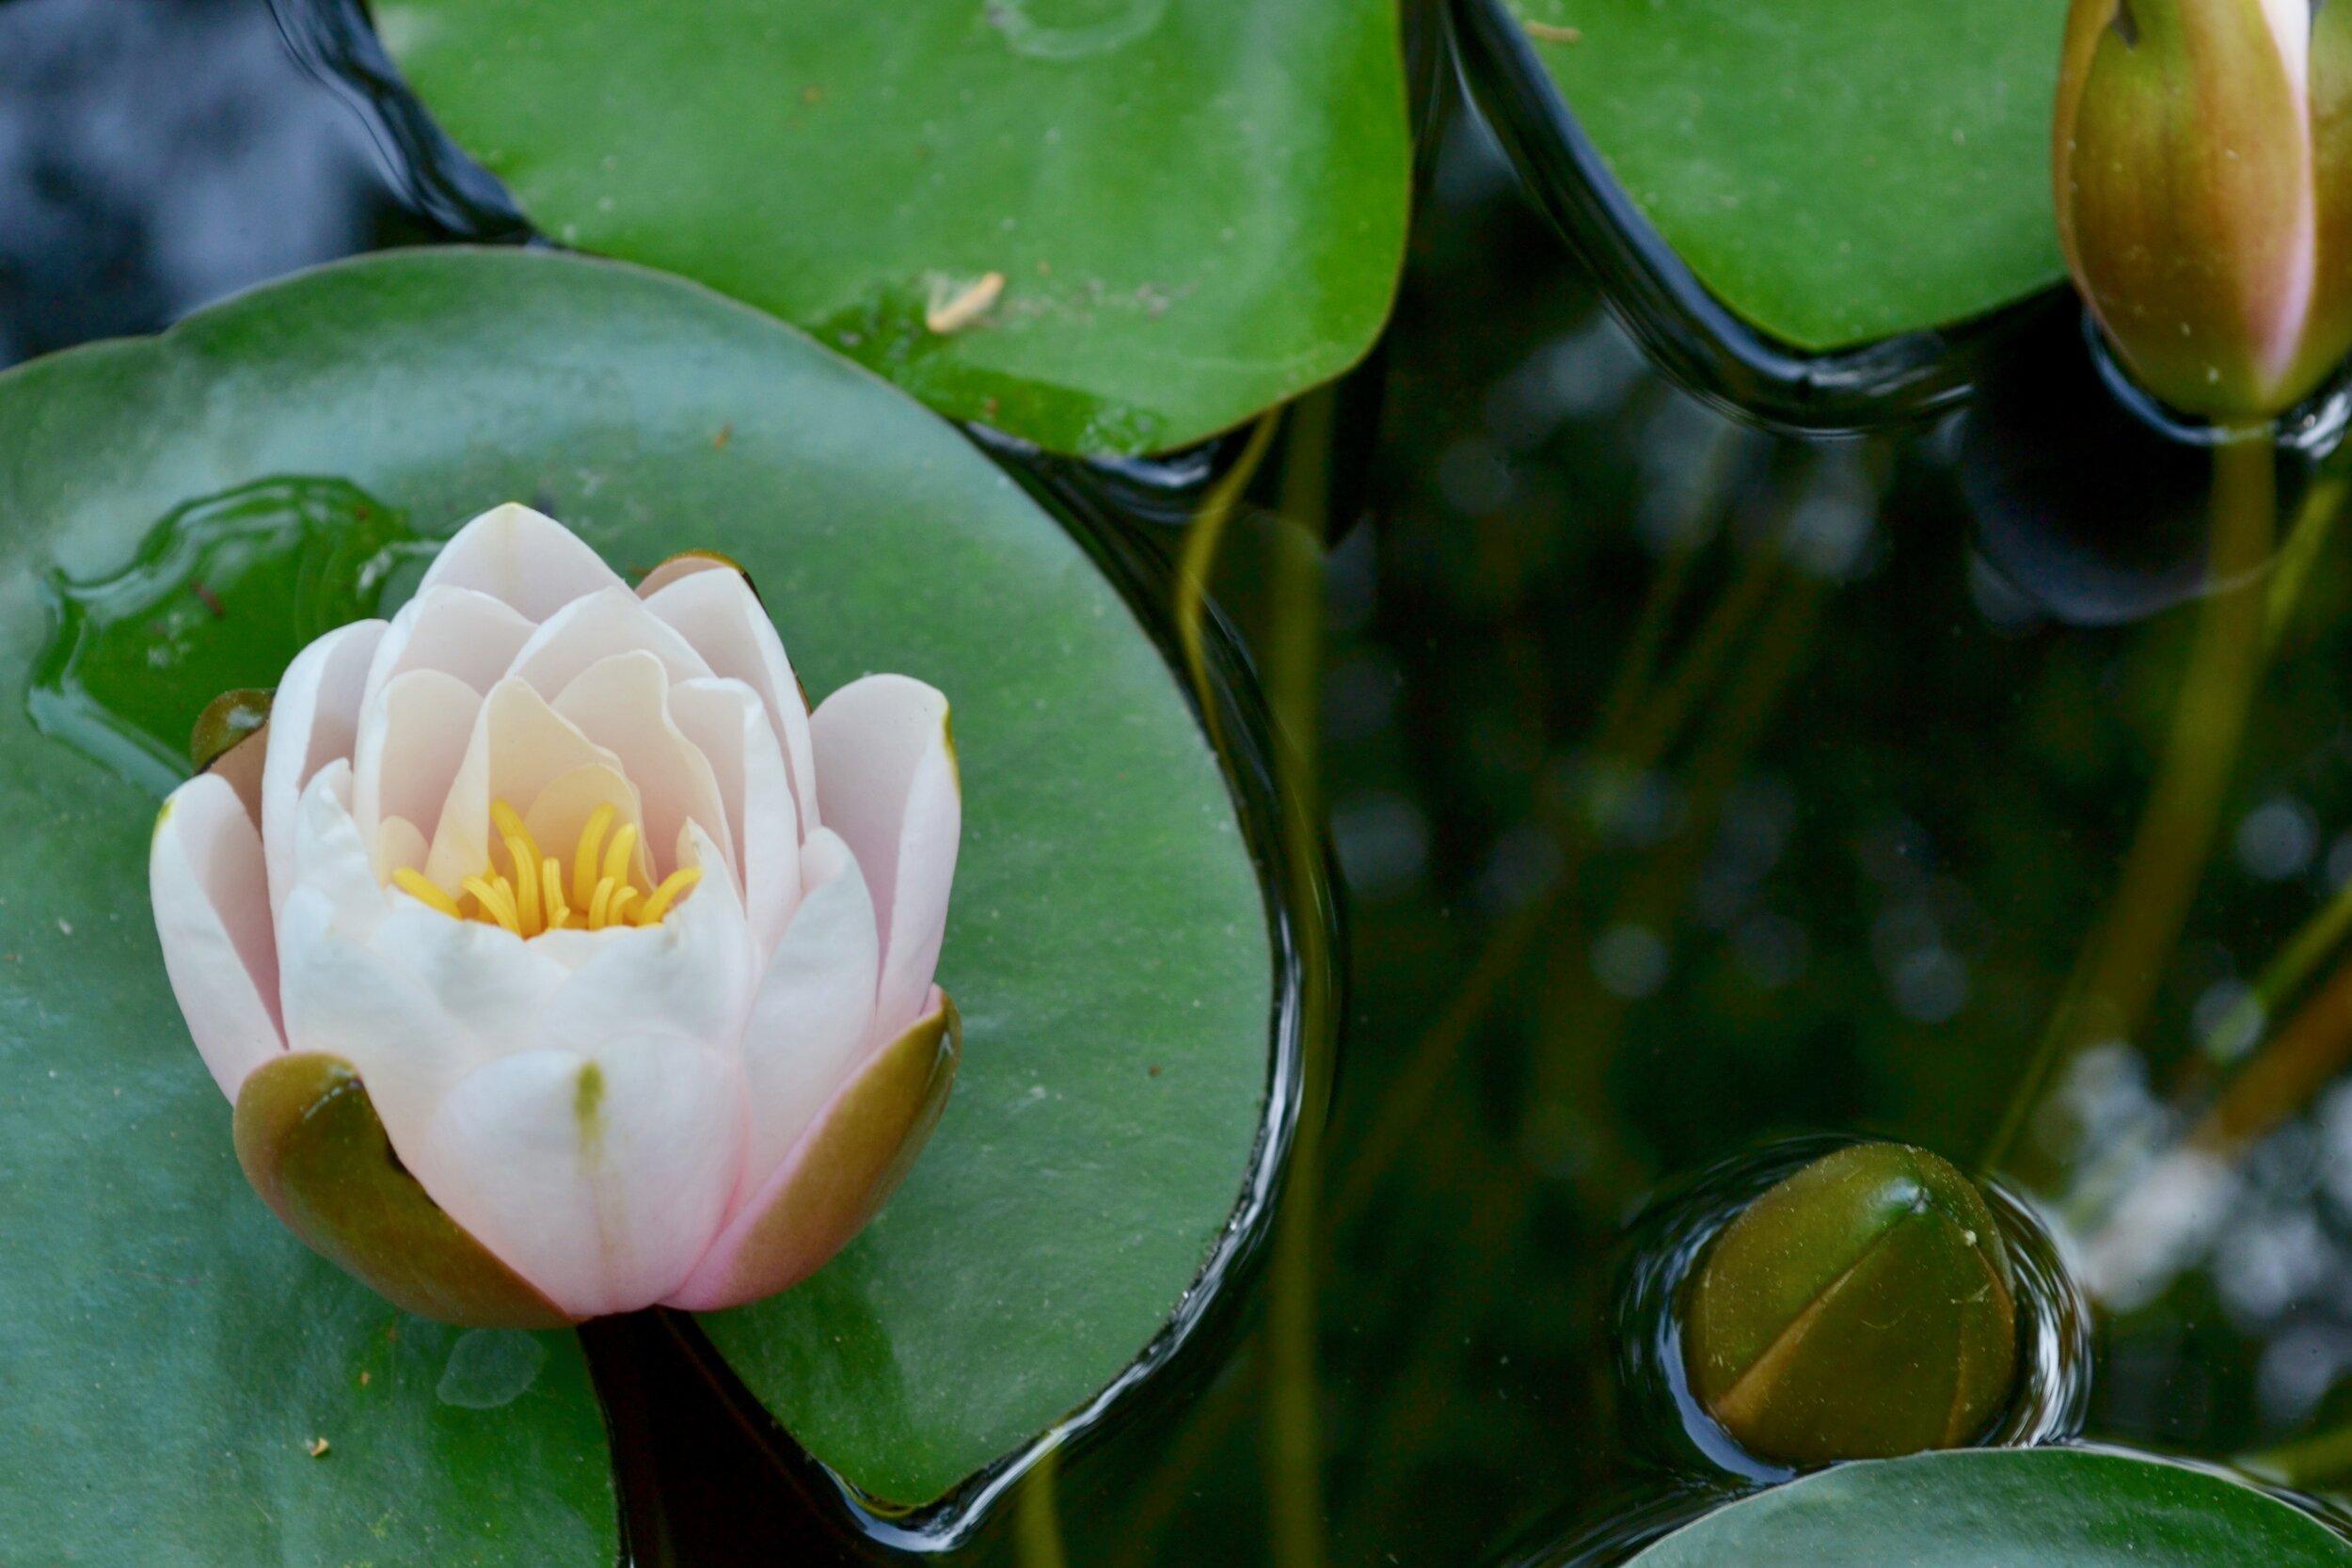 lily.jpeg